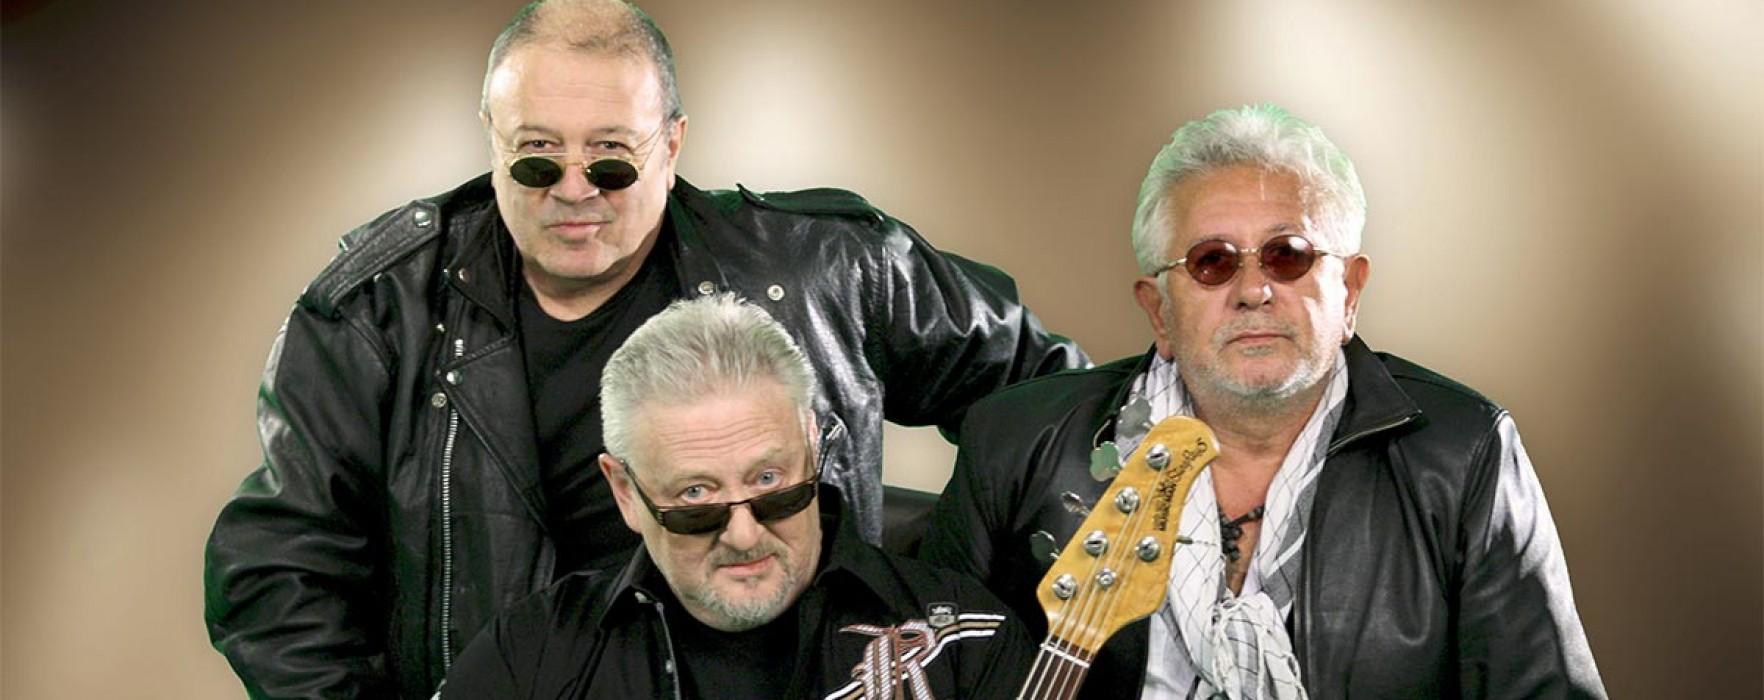 Târgovişte: Pasărea Rock concertează, joi, la Festivalul Dracula